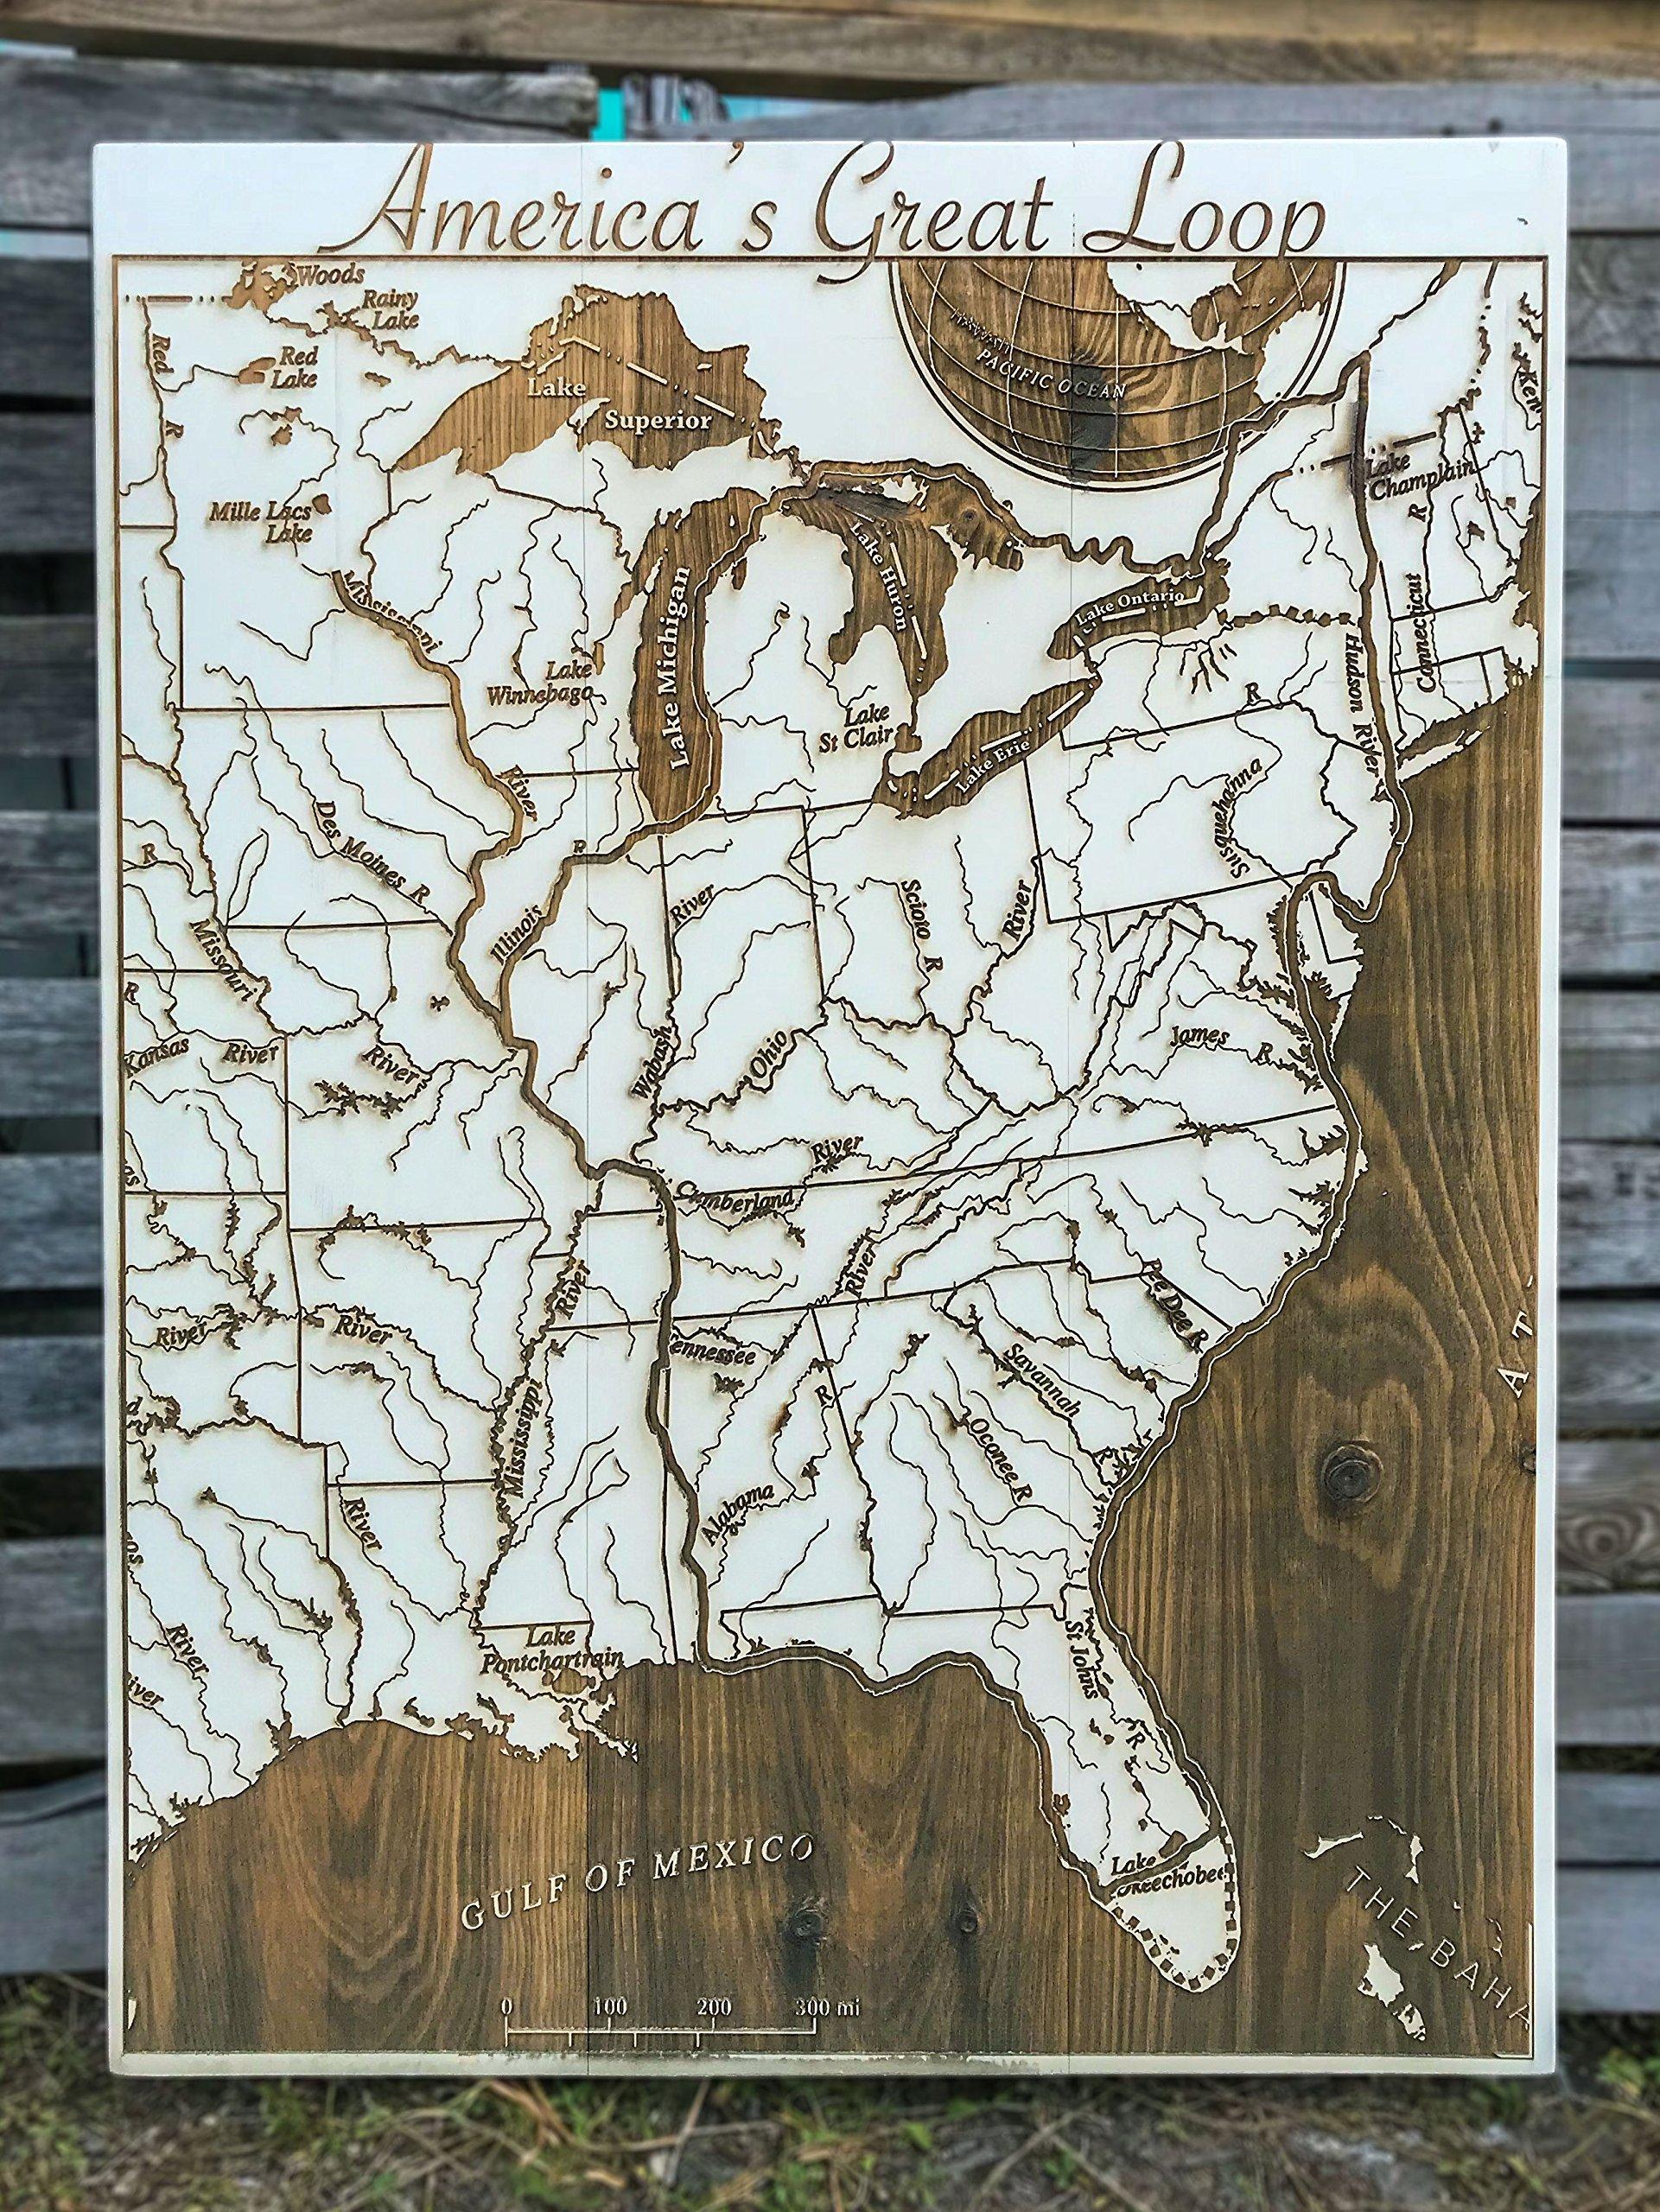 America's Great Loop - wood engraved map